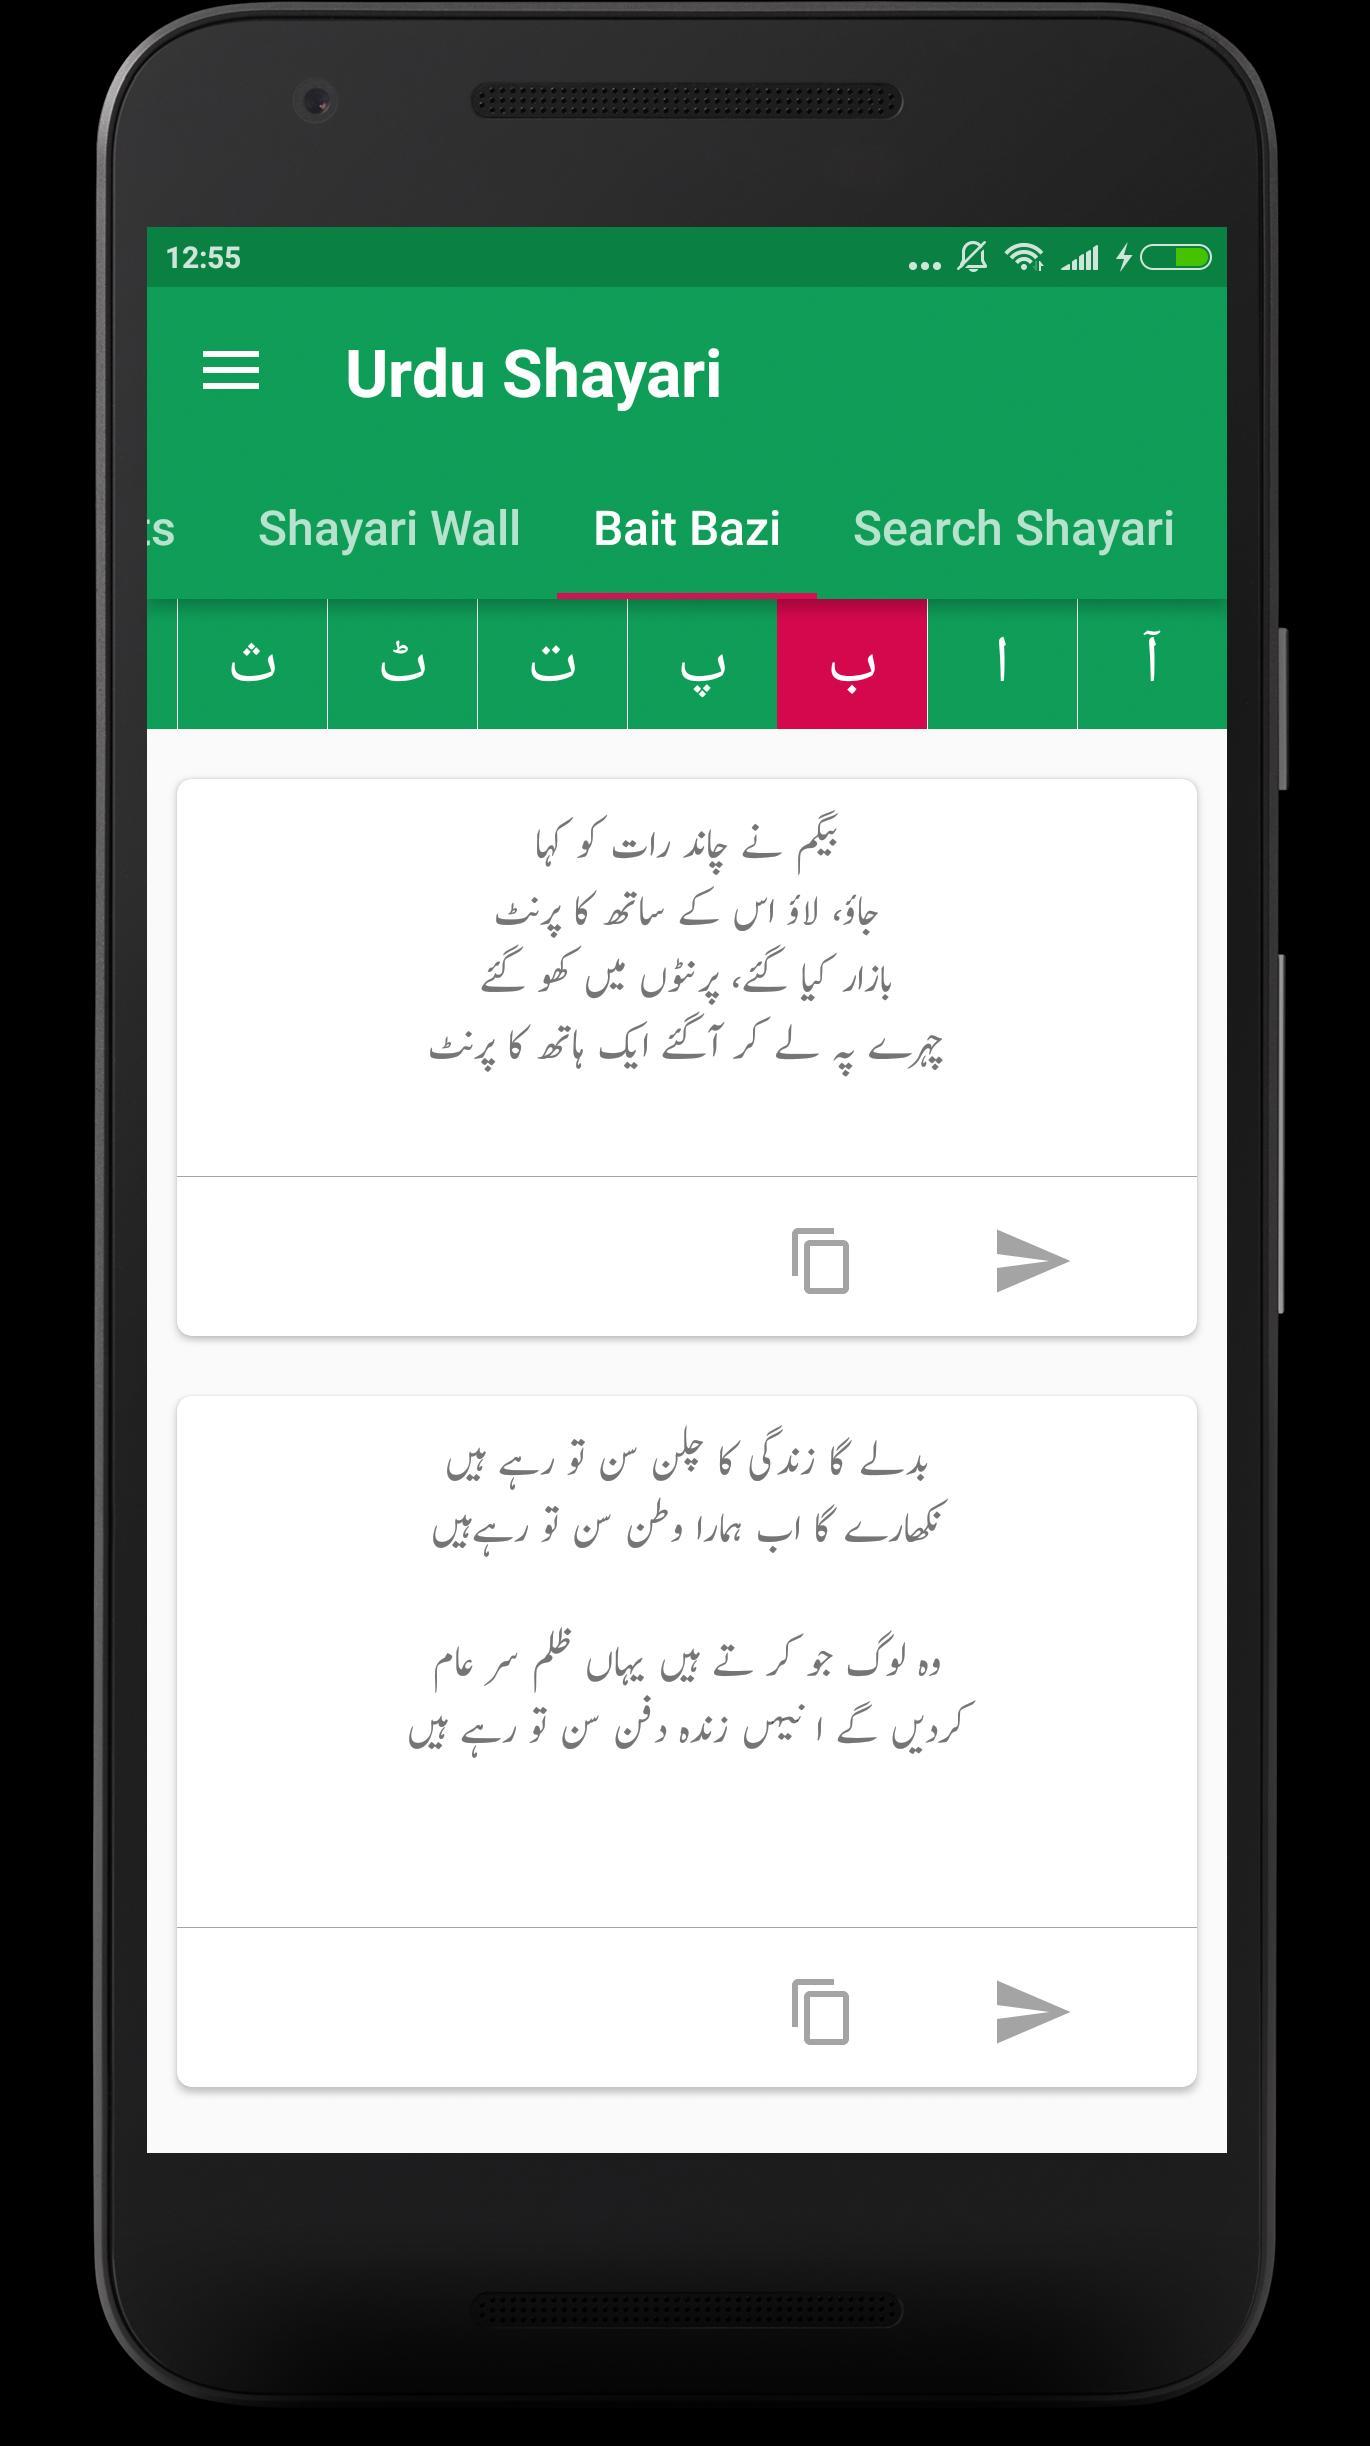 Urdu Poetry Shayari for Android - APK Download